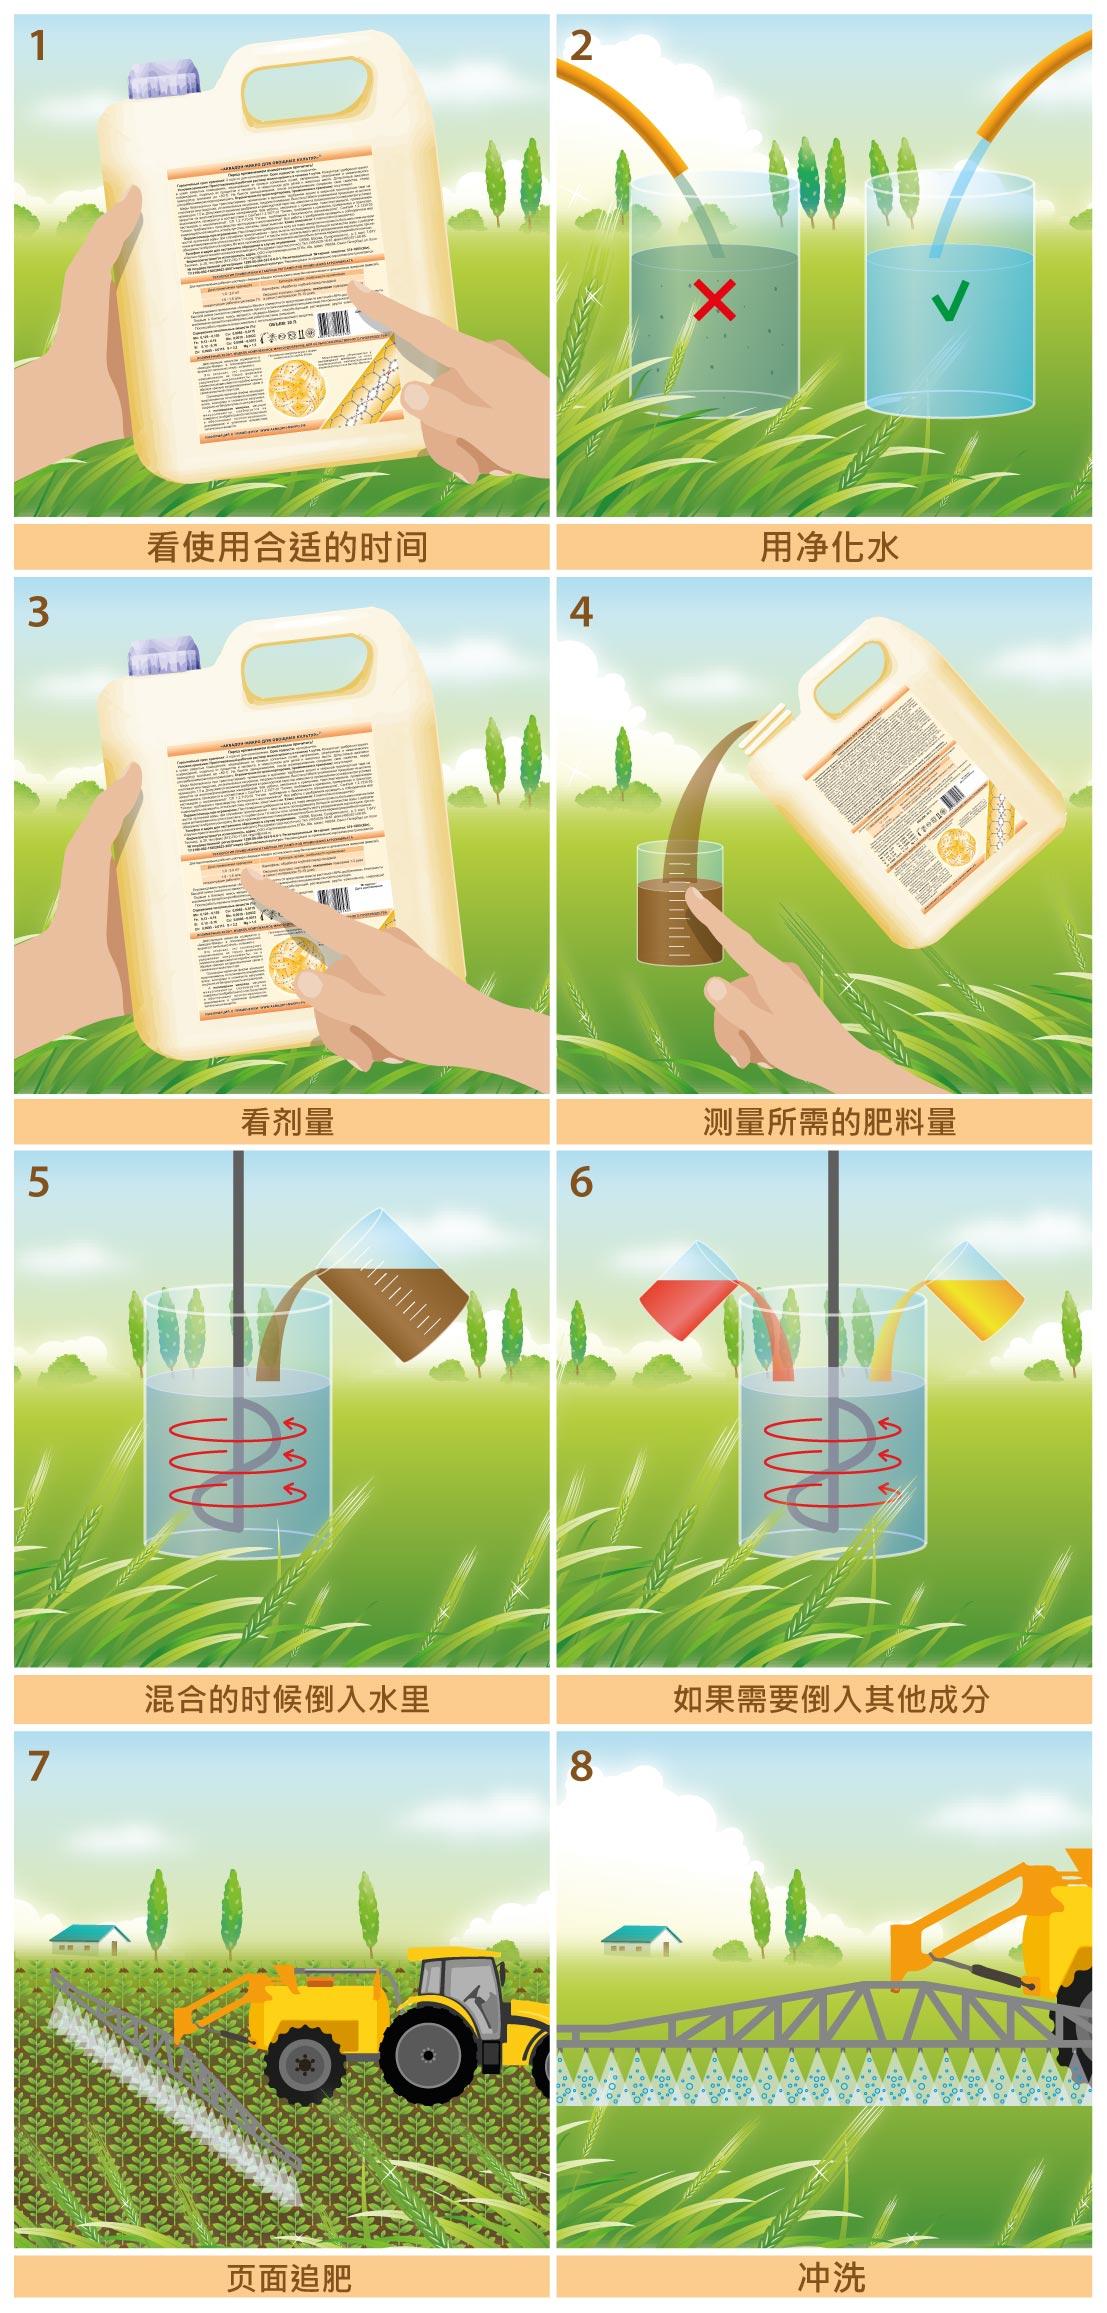 Instrucțiunile privind utilizarea îngrășămintelor Robell